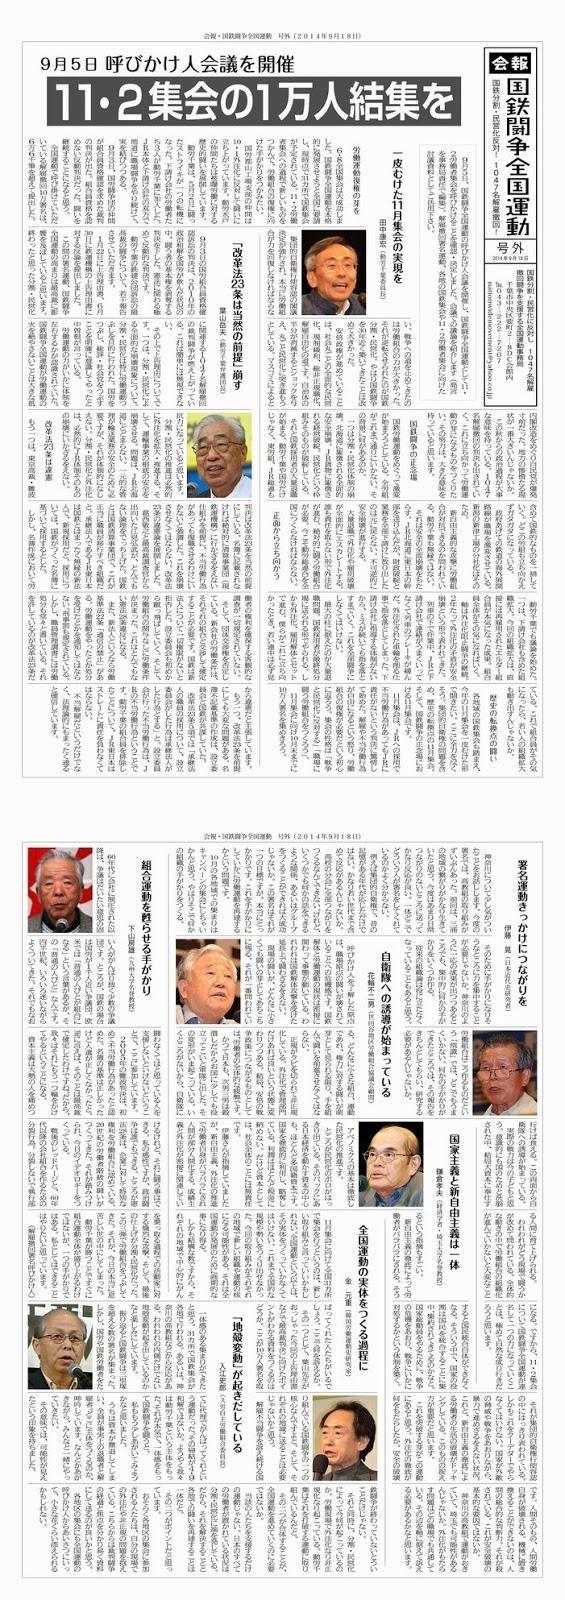 http://www.doro-chiba.org/z-undou/pdf/newsgo.pdf